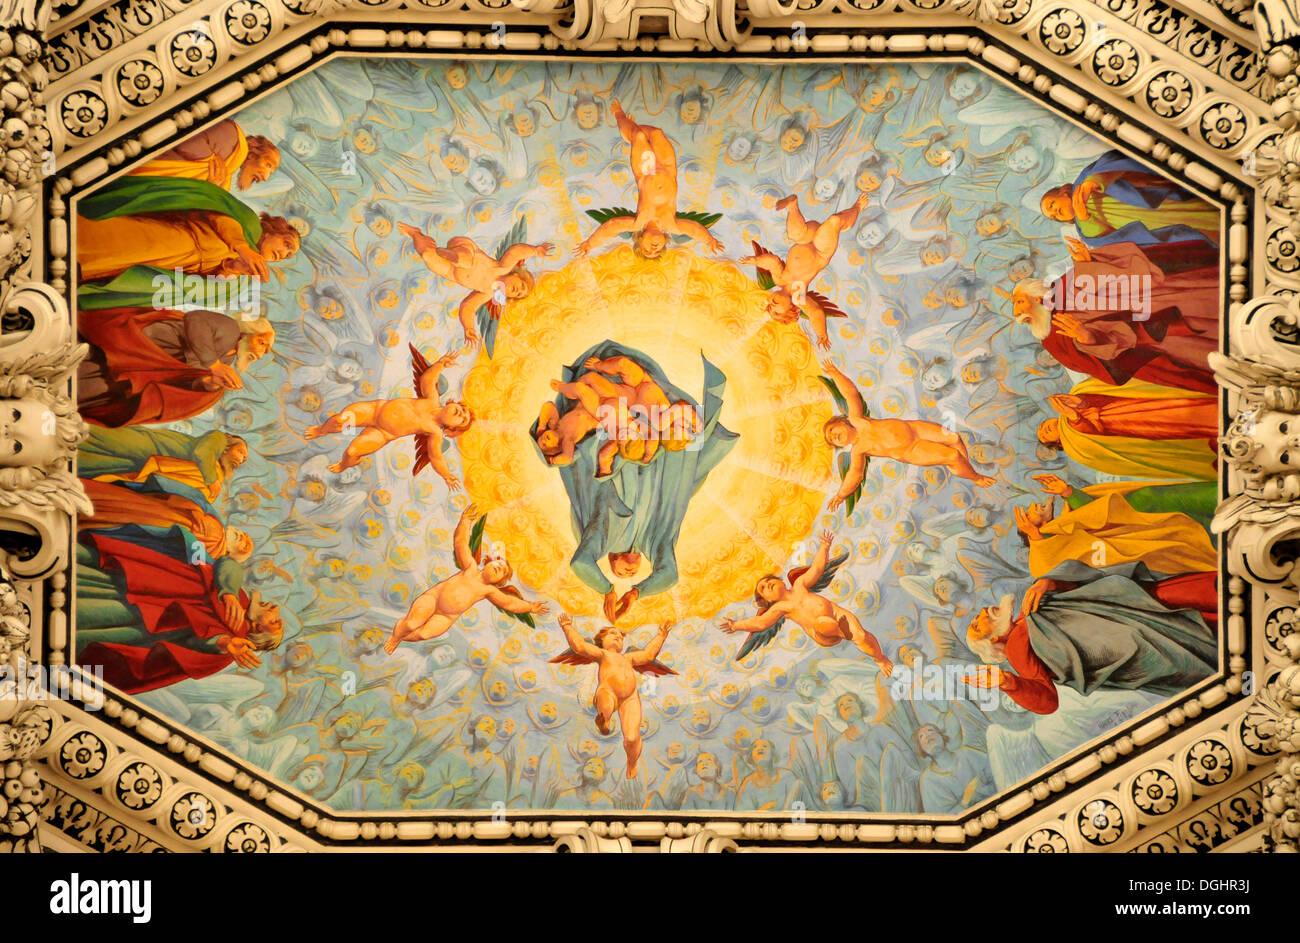 Baroque ceiling cathedral stock photos baroque ceiling cathedral baroque ceiling paintings in salzburg cathedral salzburg salzburg austria europe stock doublecrazyfo Gallery